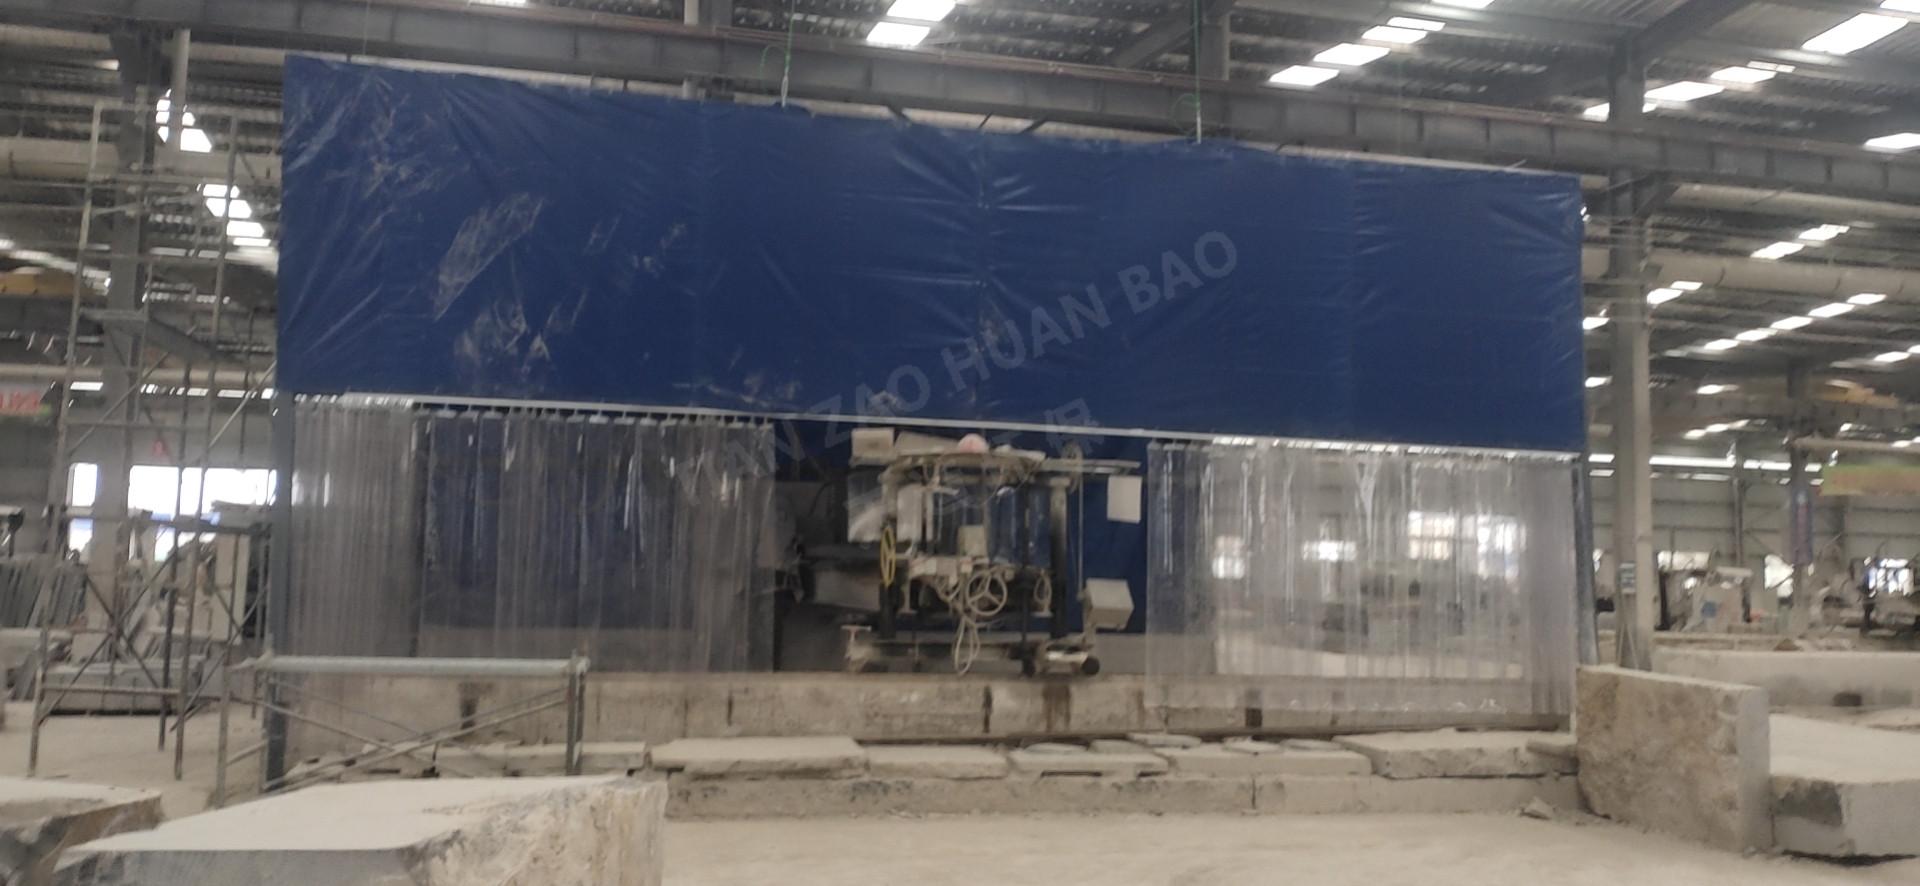 88套喷淋降尘设备 天造环保助力解决石材厂粉尘污染问题